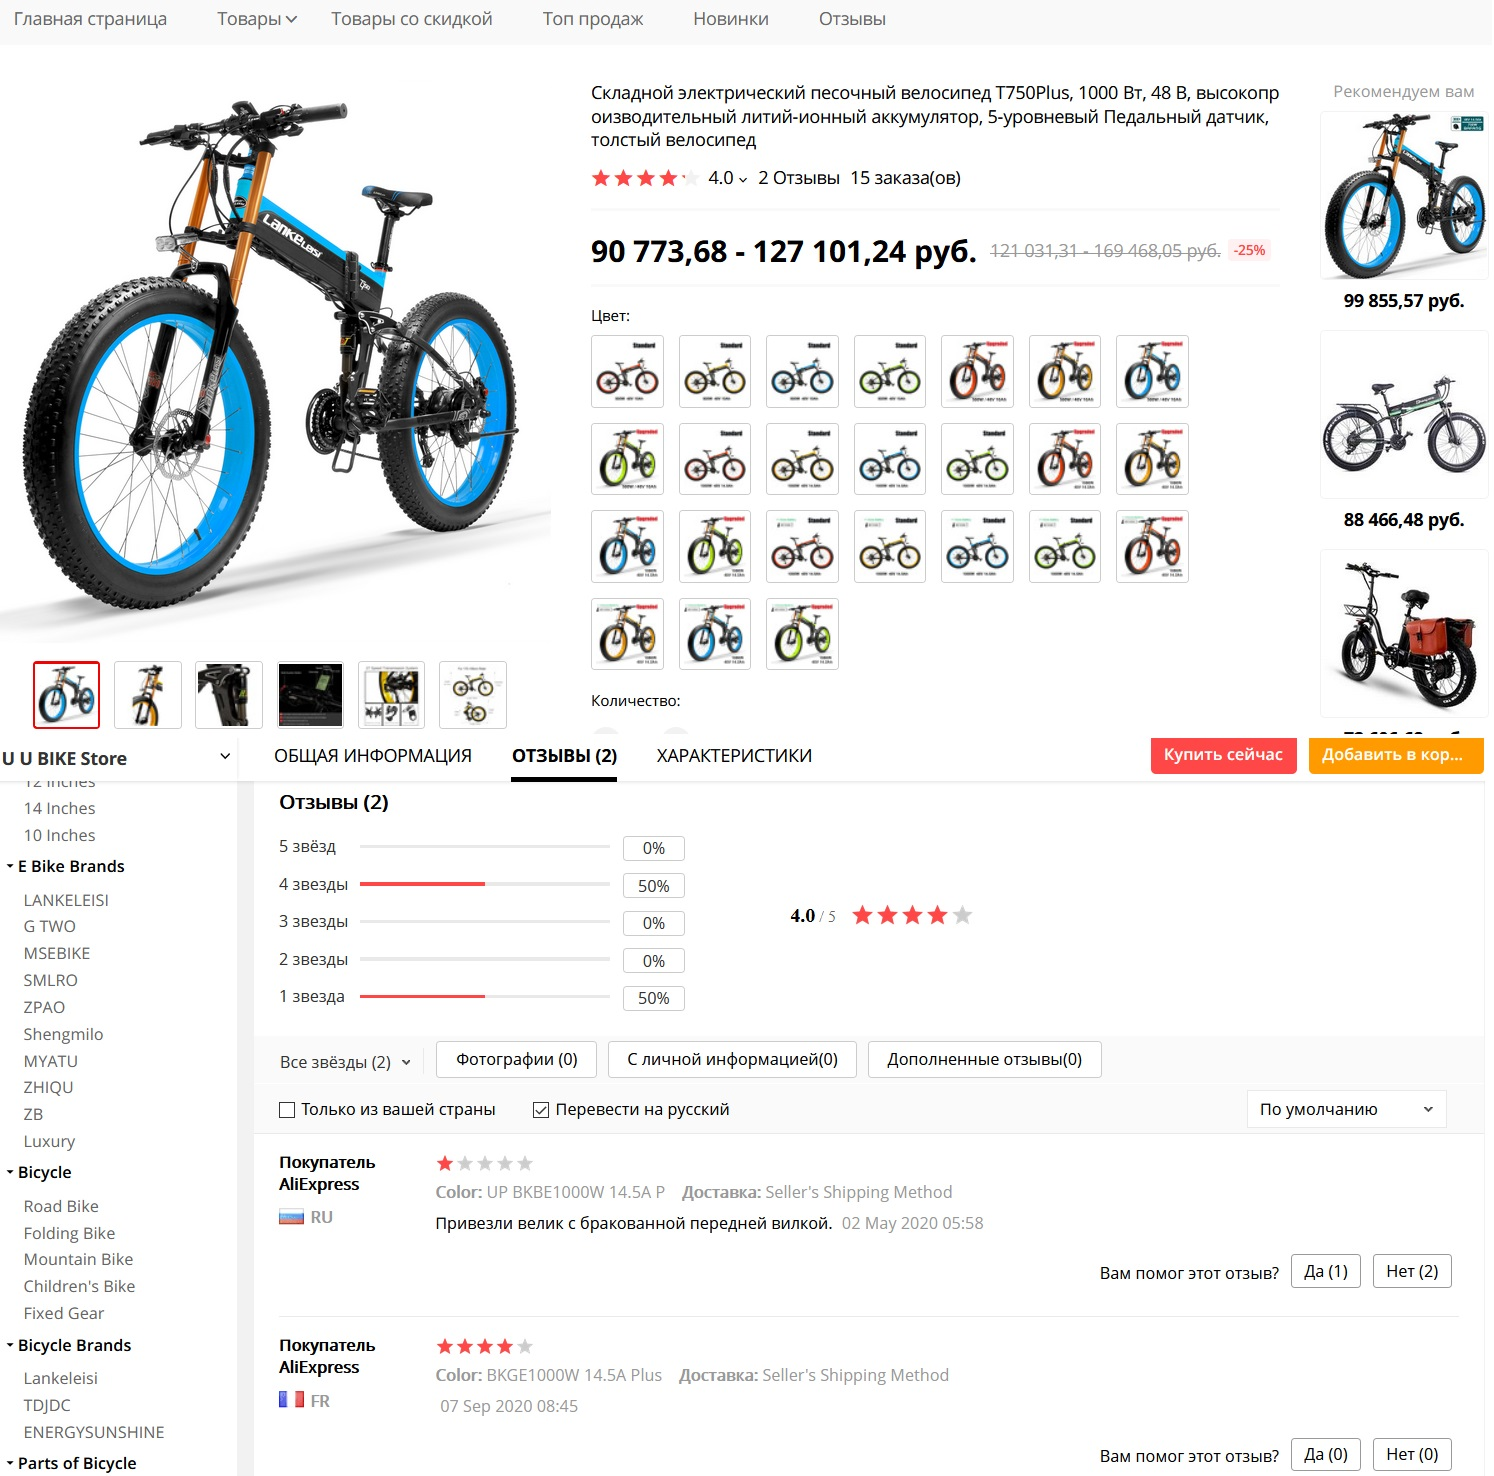 Электровелосипед LANKELEISI T750 Plus